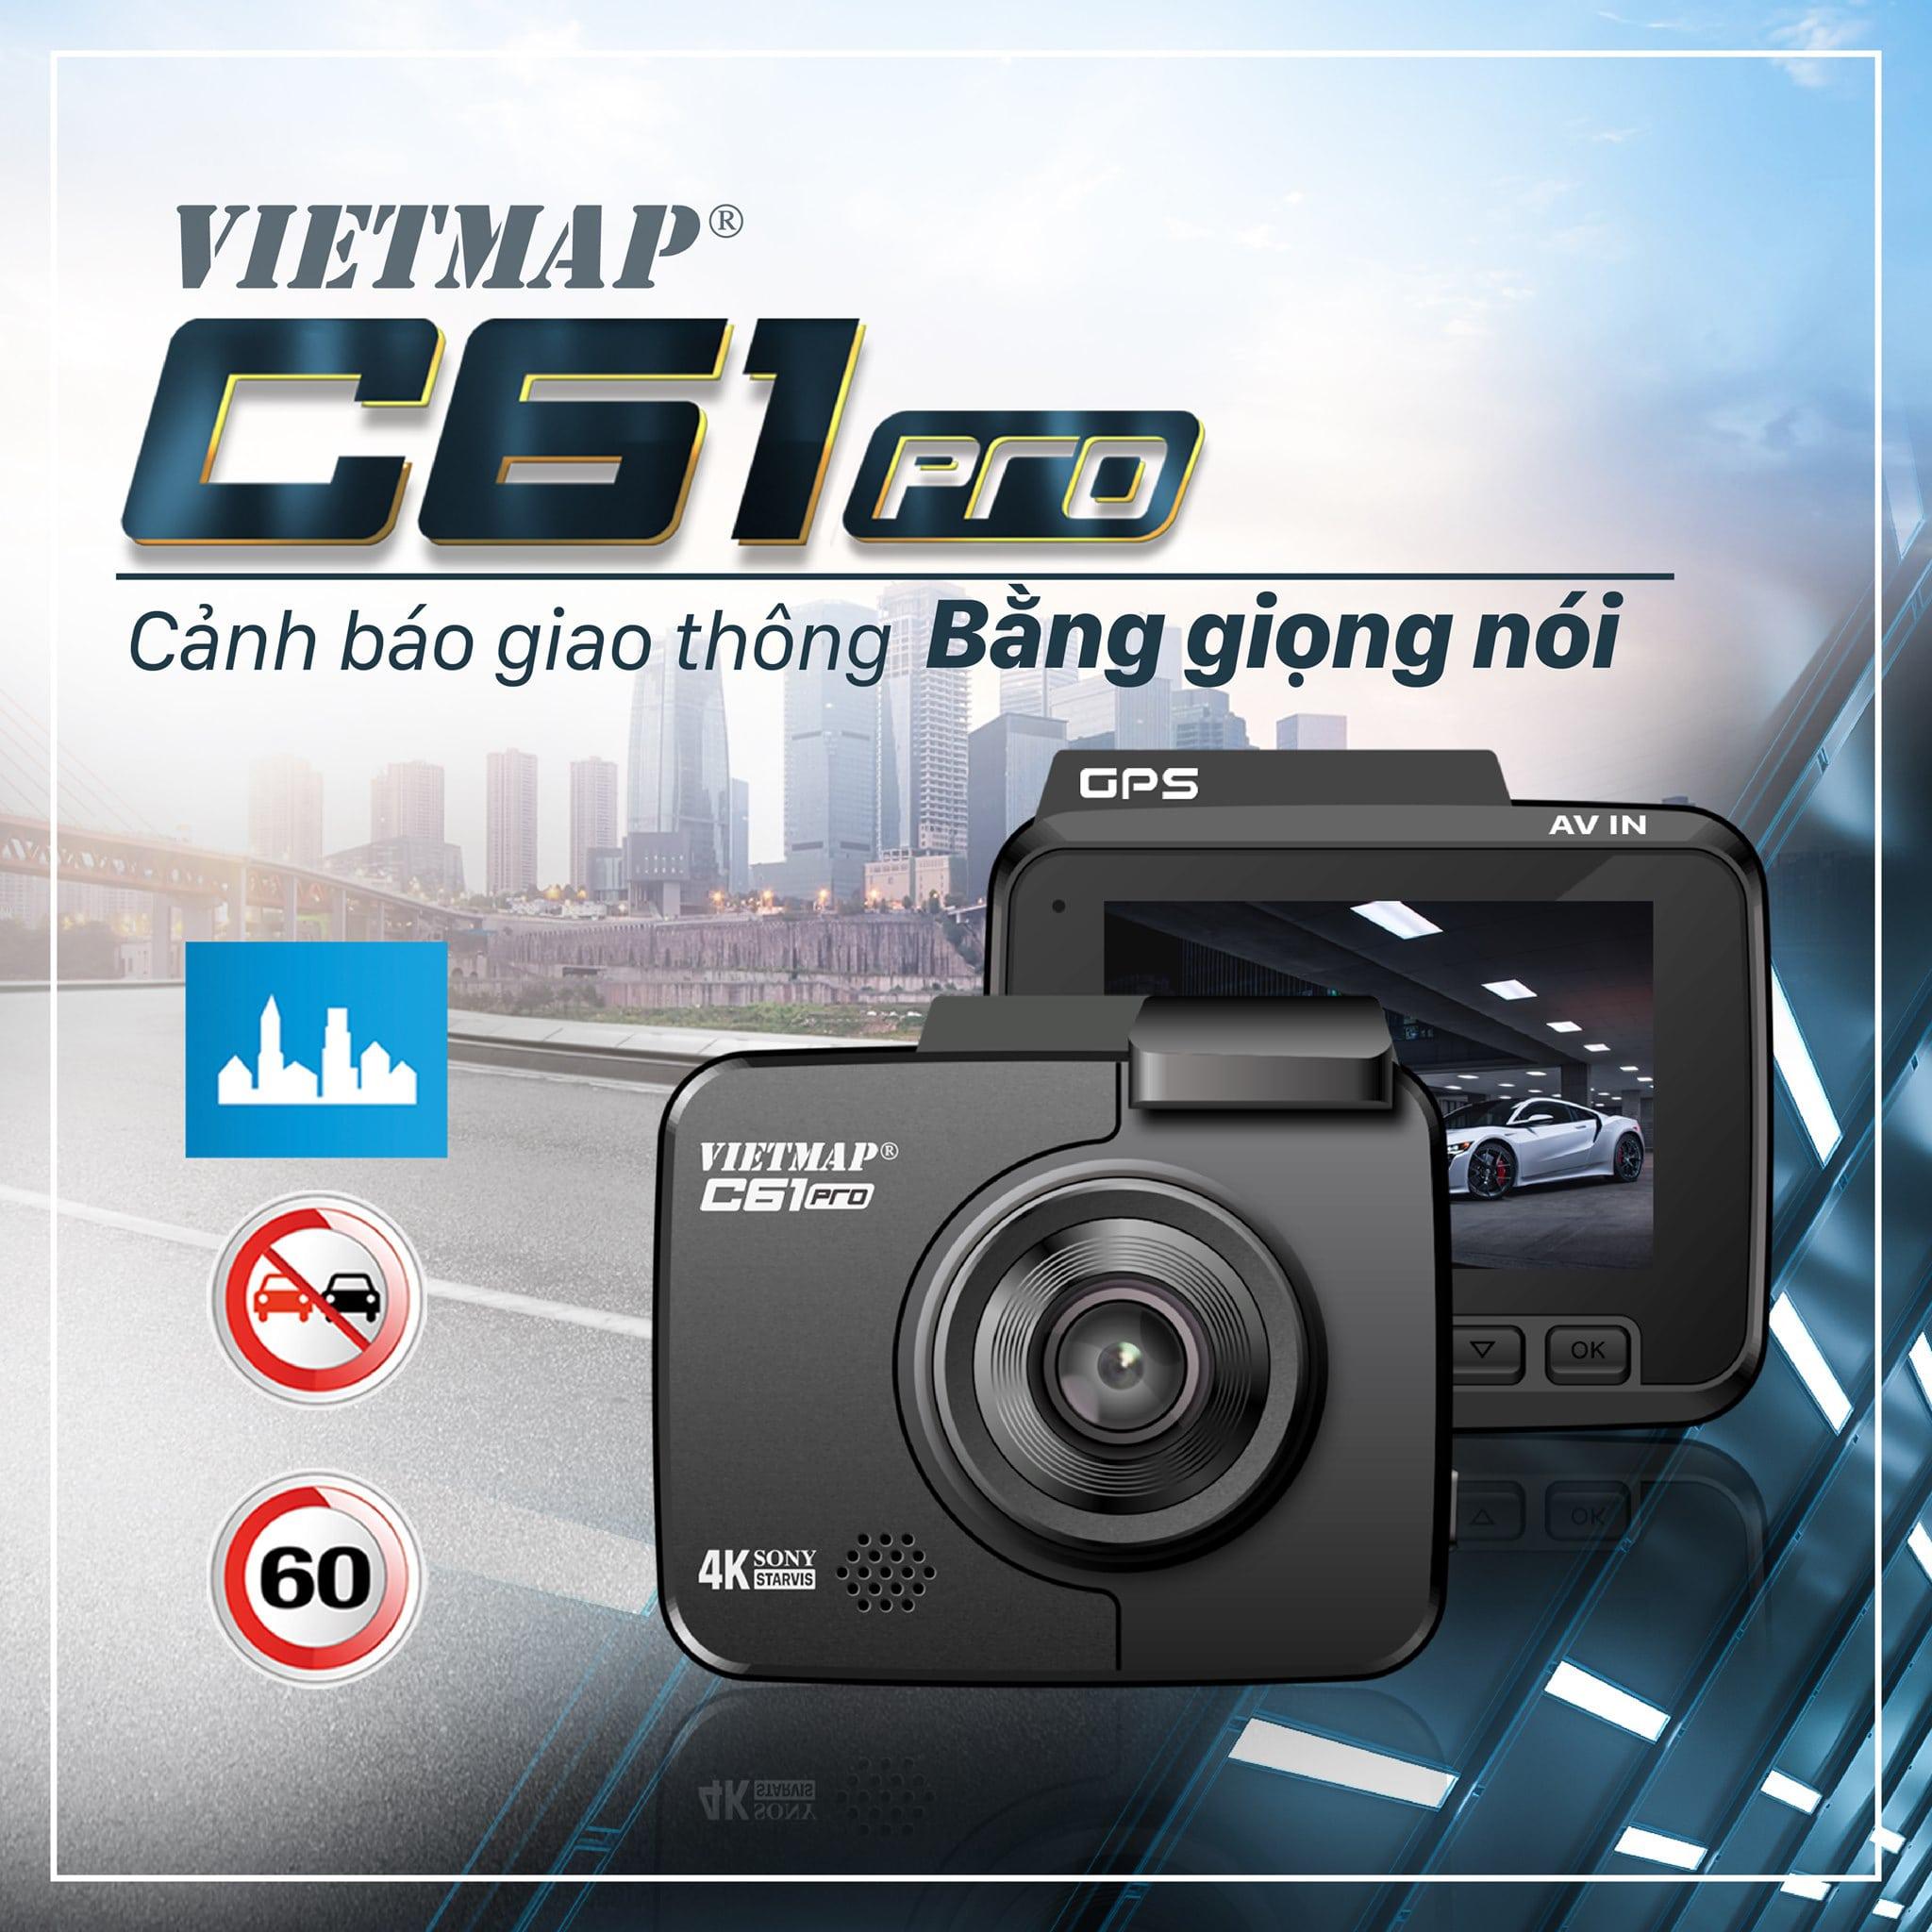 camera cảnh báo giao thông vietmap c61 pro